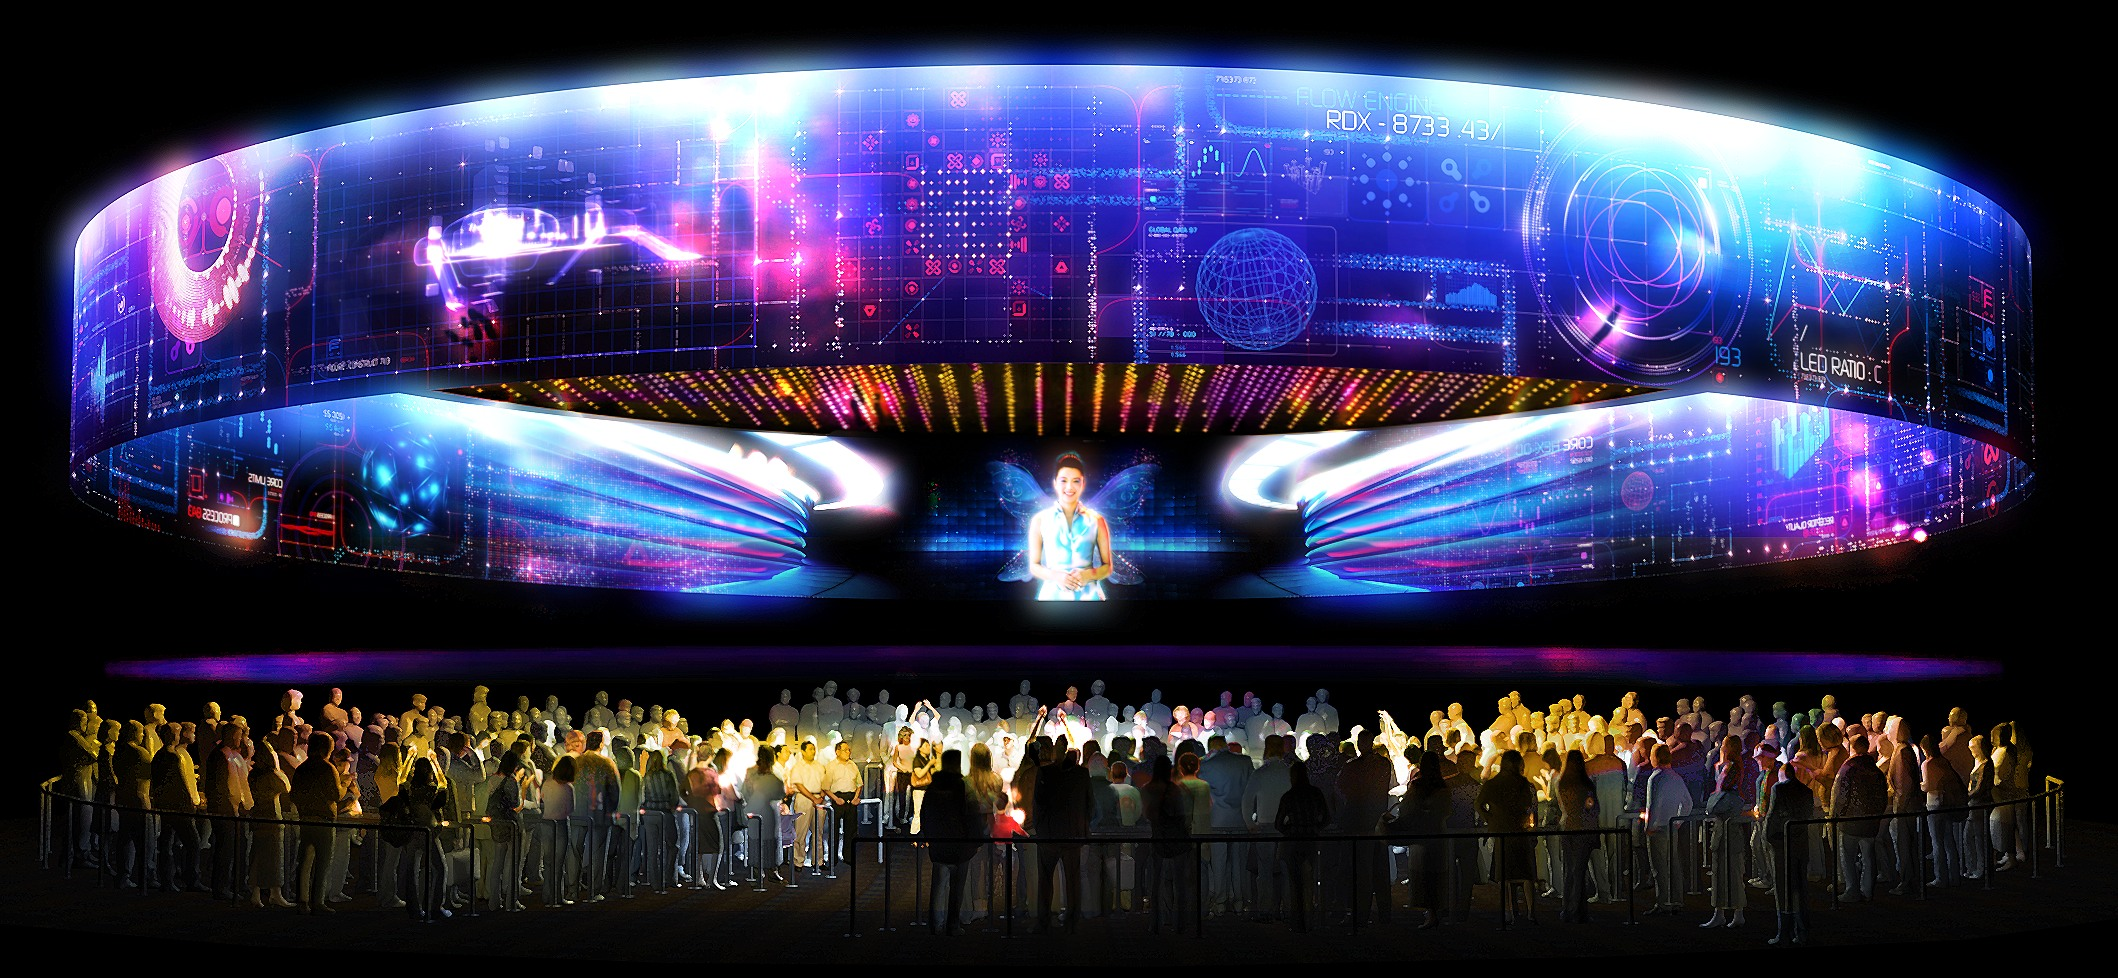 ShanghaiExpo Theatre